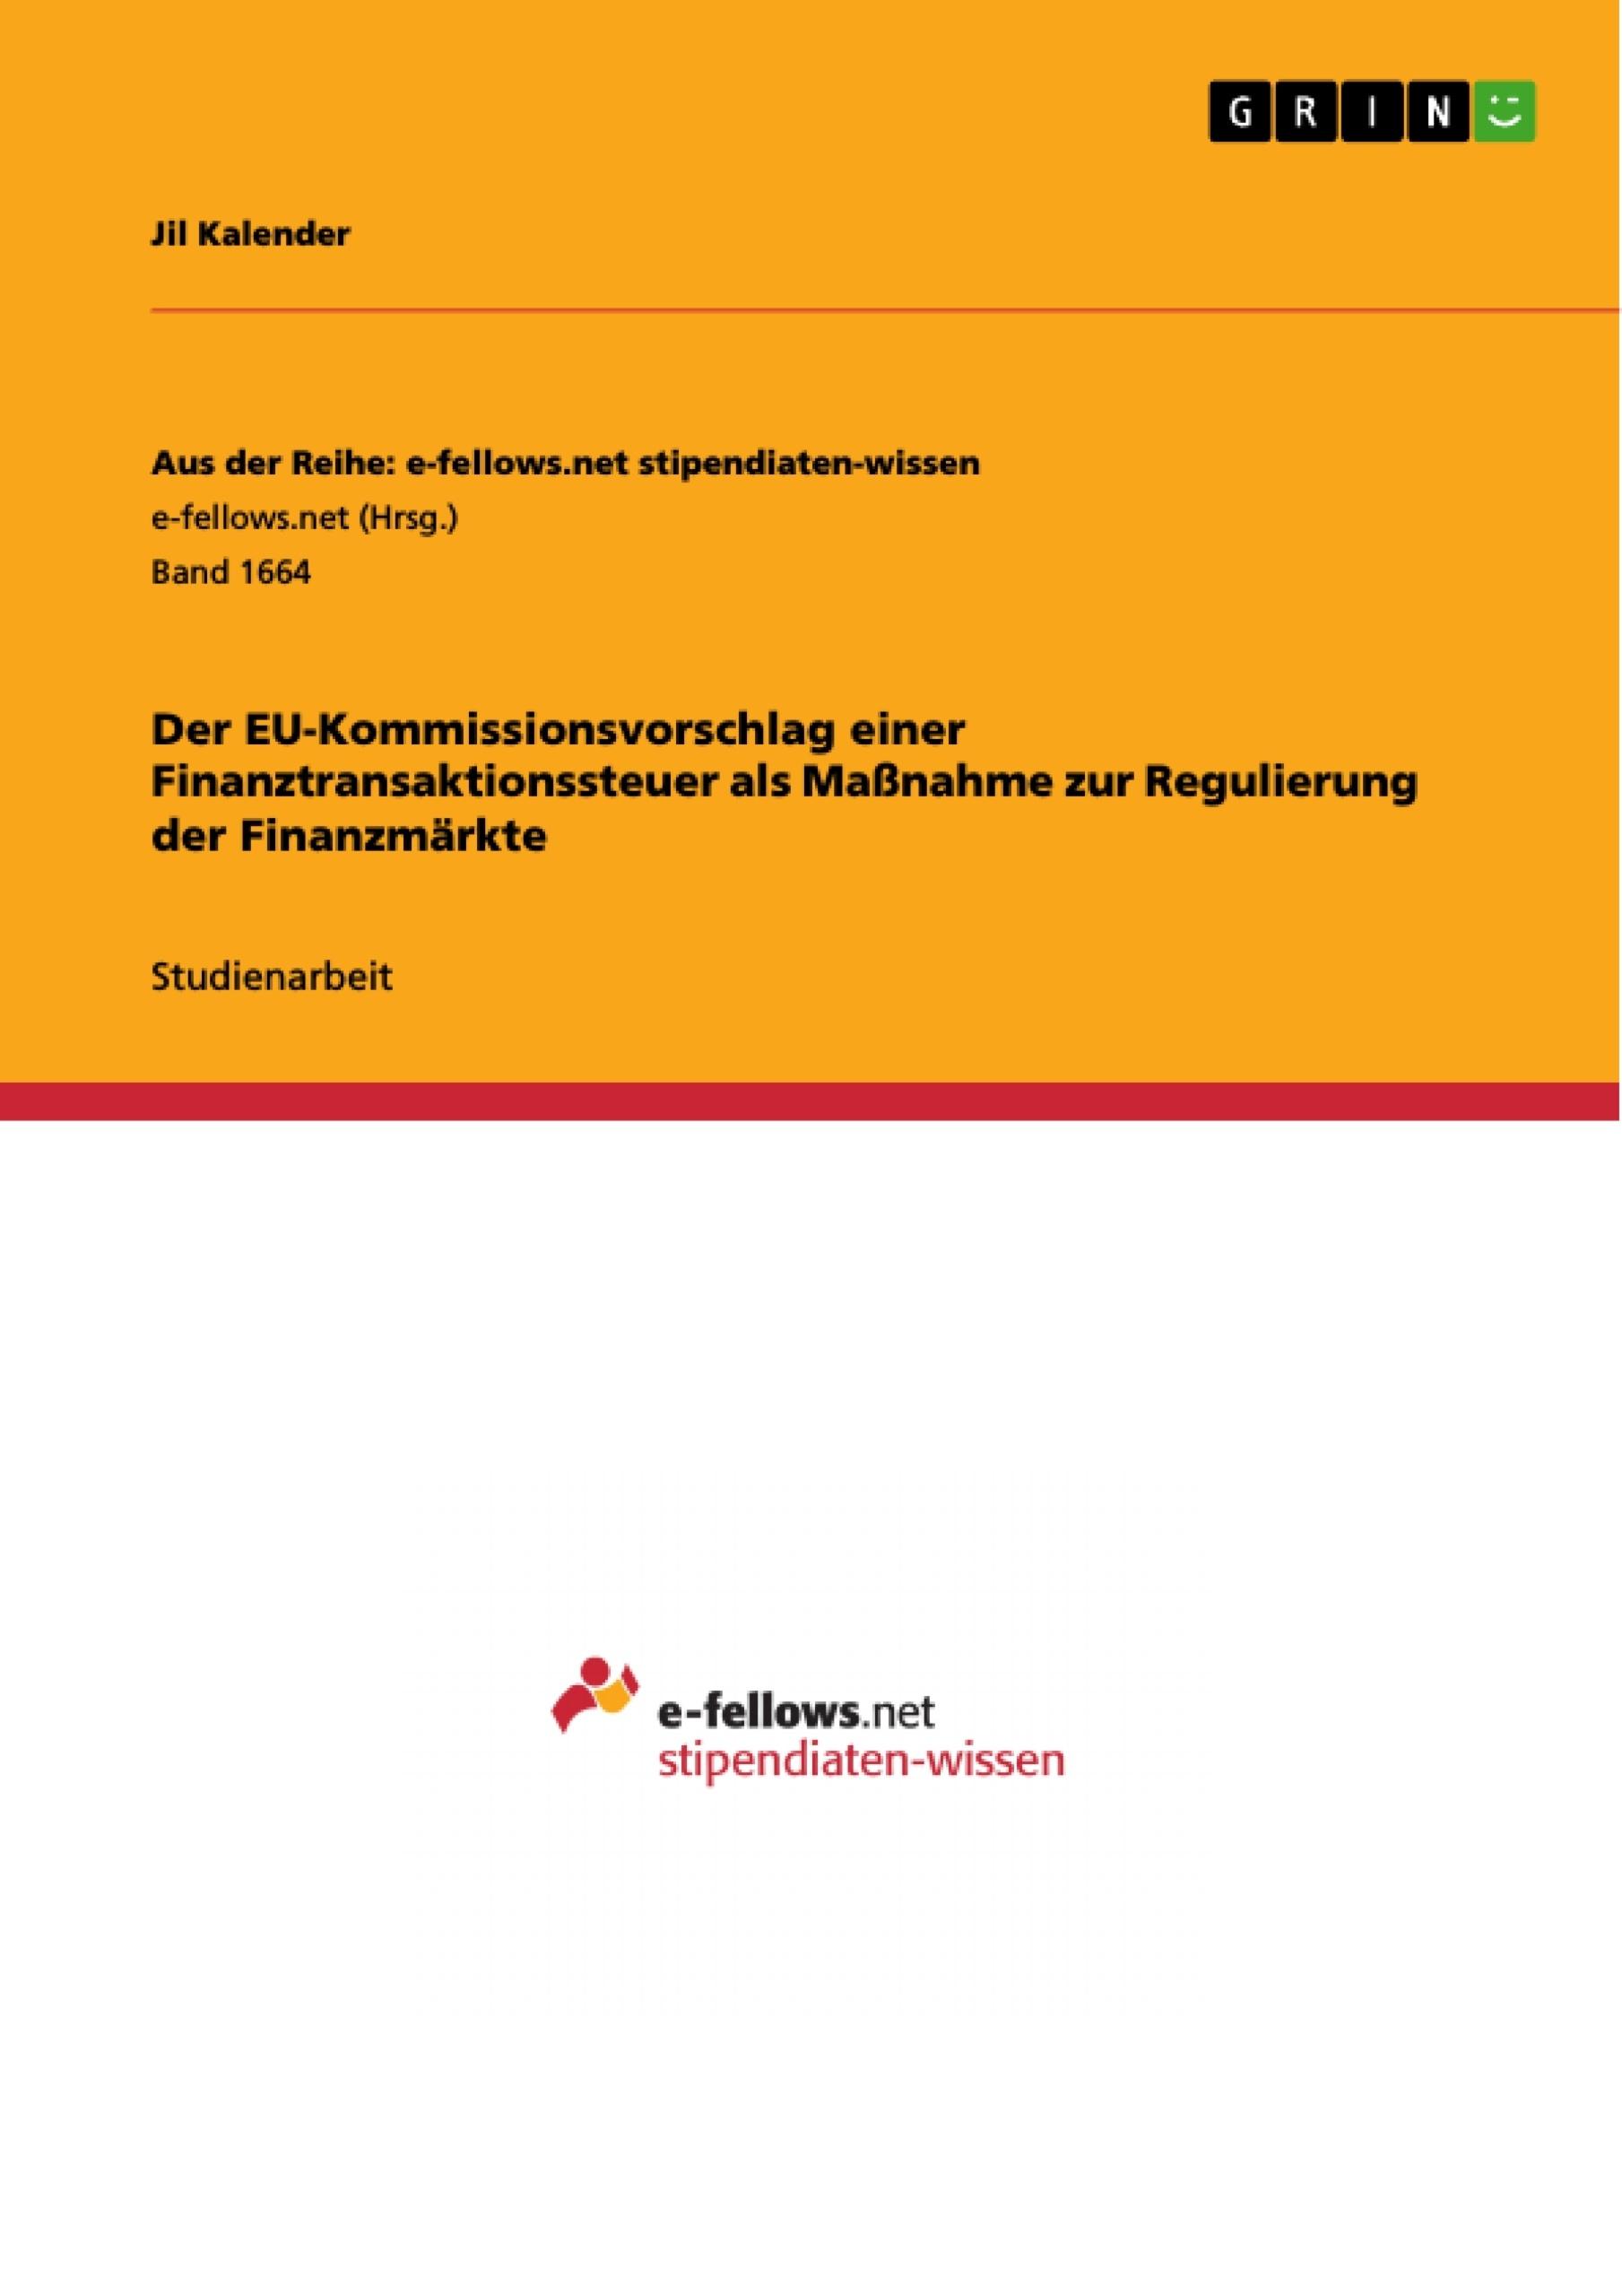 Titel: Der EU-Kommissionsvorschlag einer Finanztransaktionssteuer als Maßnahme zur Regulierung der Finanzmärkte